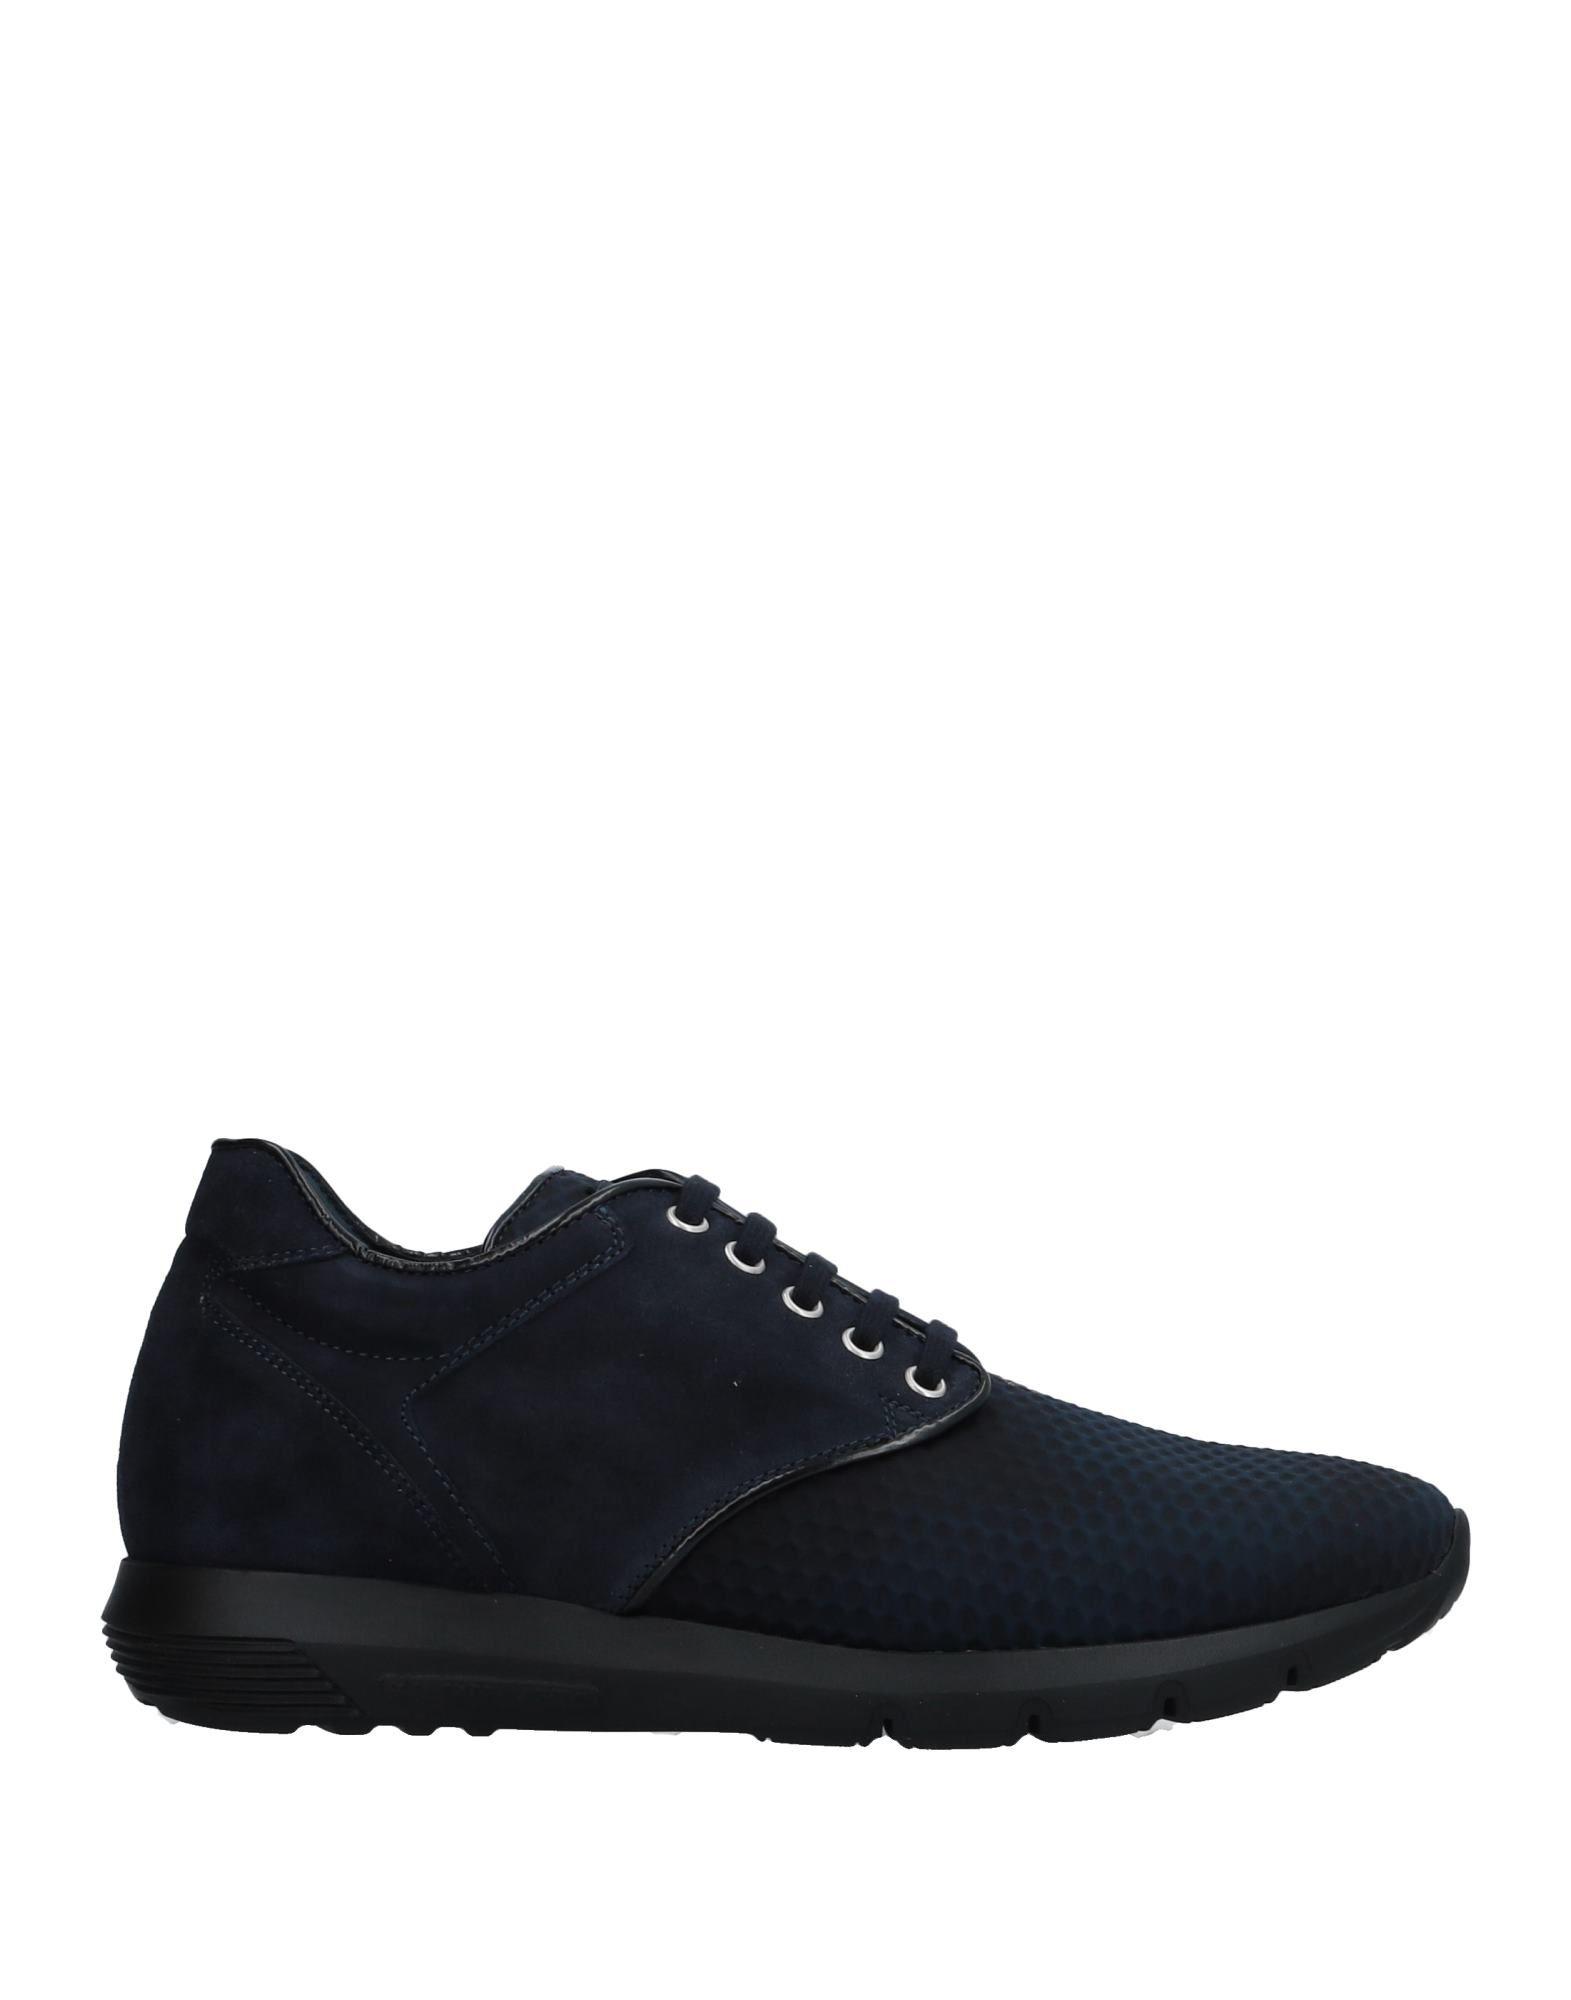 FABIANO RICCI Низкие кеды и кроссовки обои акриловые бумажные harrison prints delancey dc50903